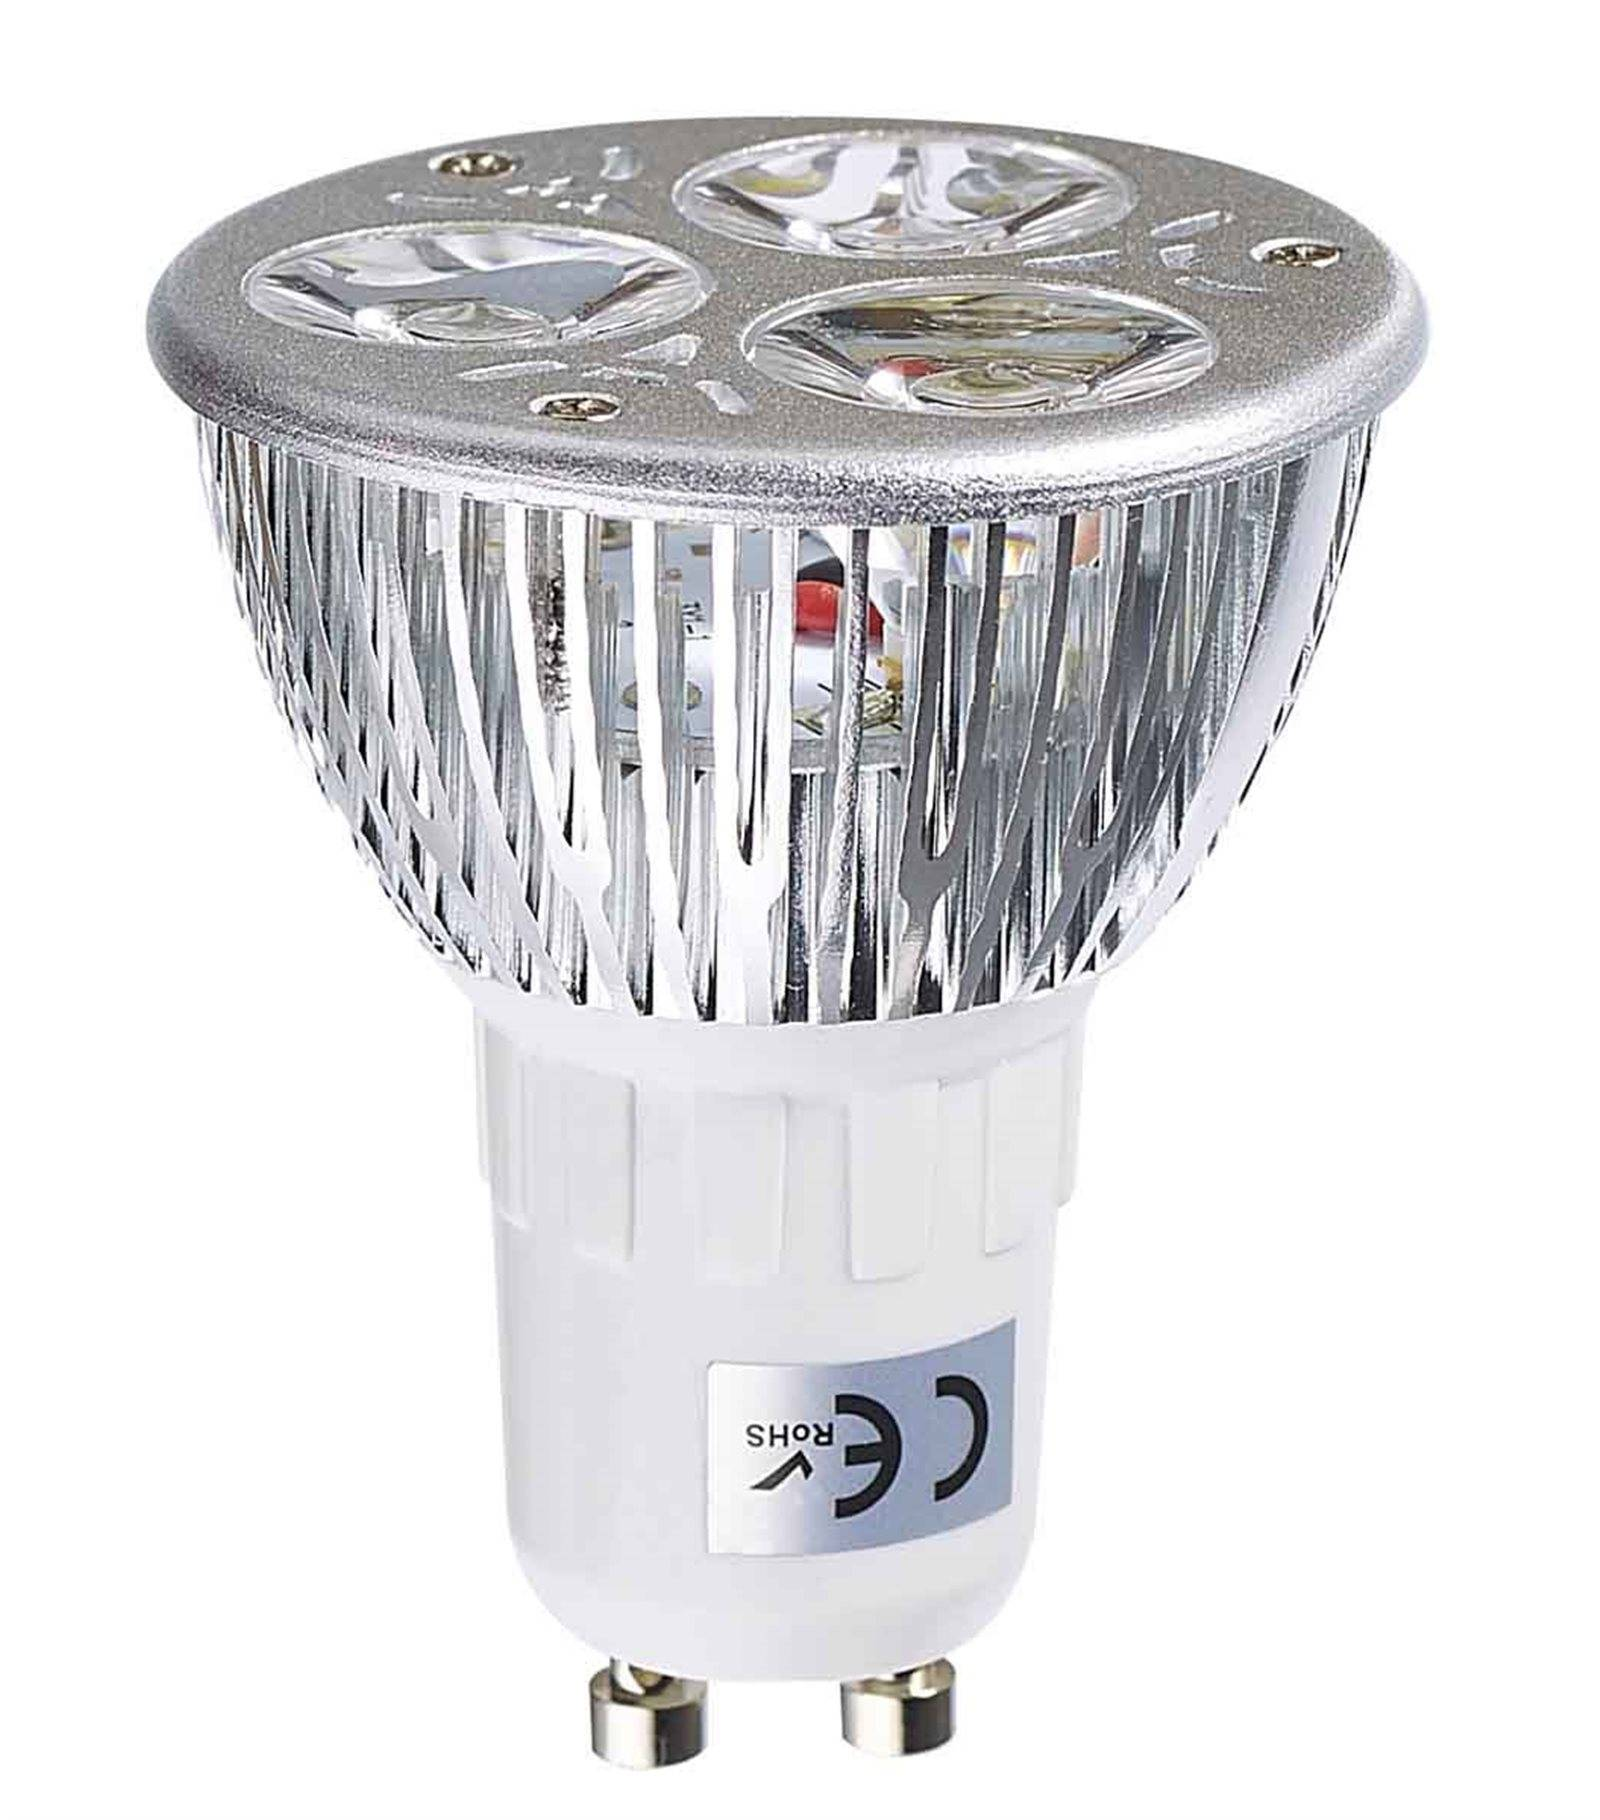 Gu10 350 1114 6w 390lm Edison Led 60° Neutre Blanc Ampoule Triled 3x2w WDYEIeH29